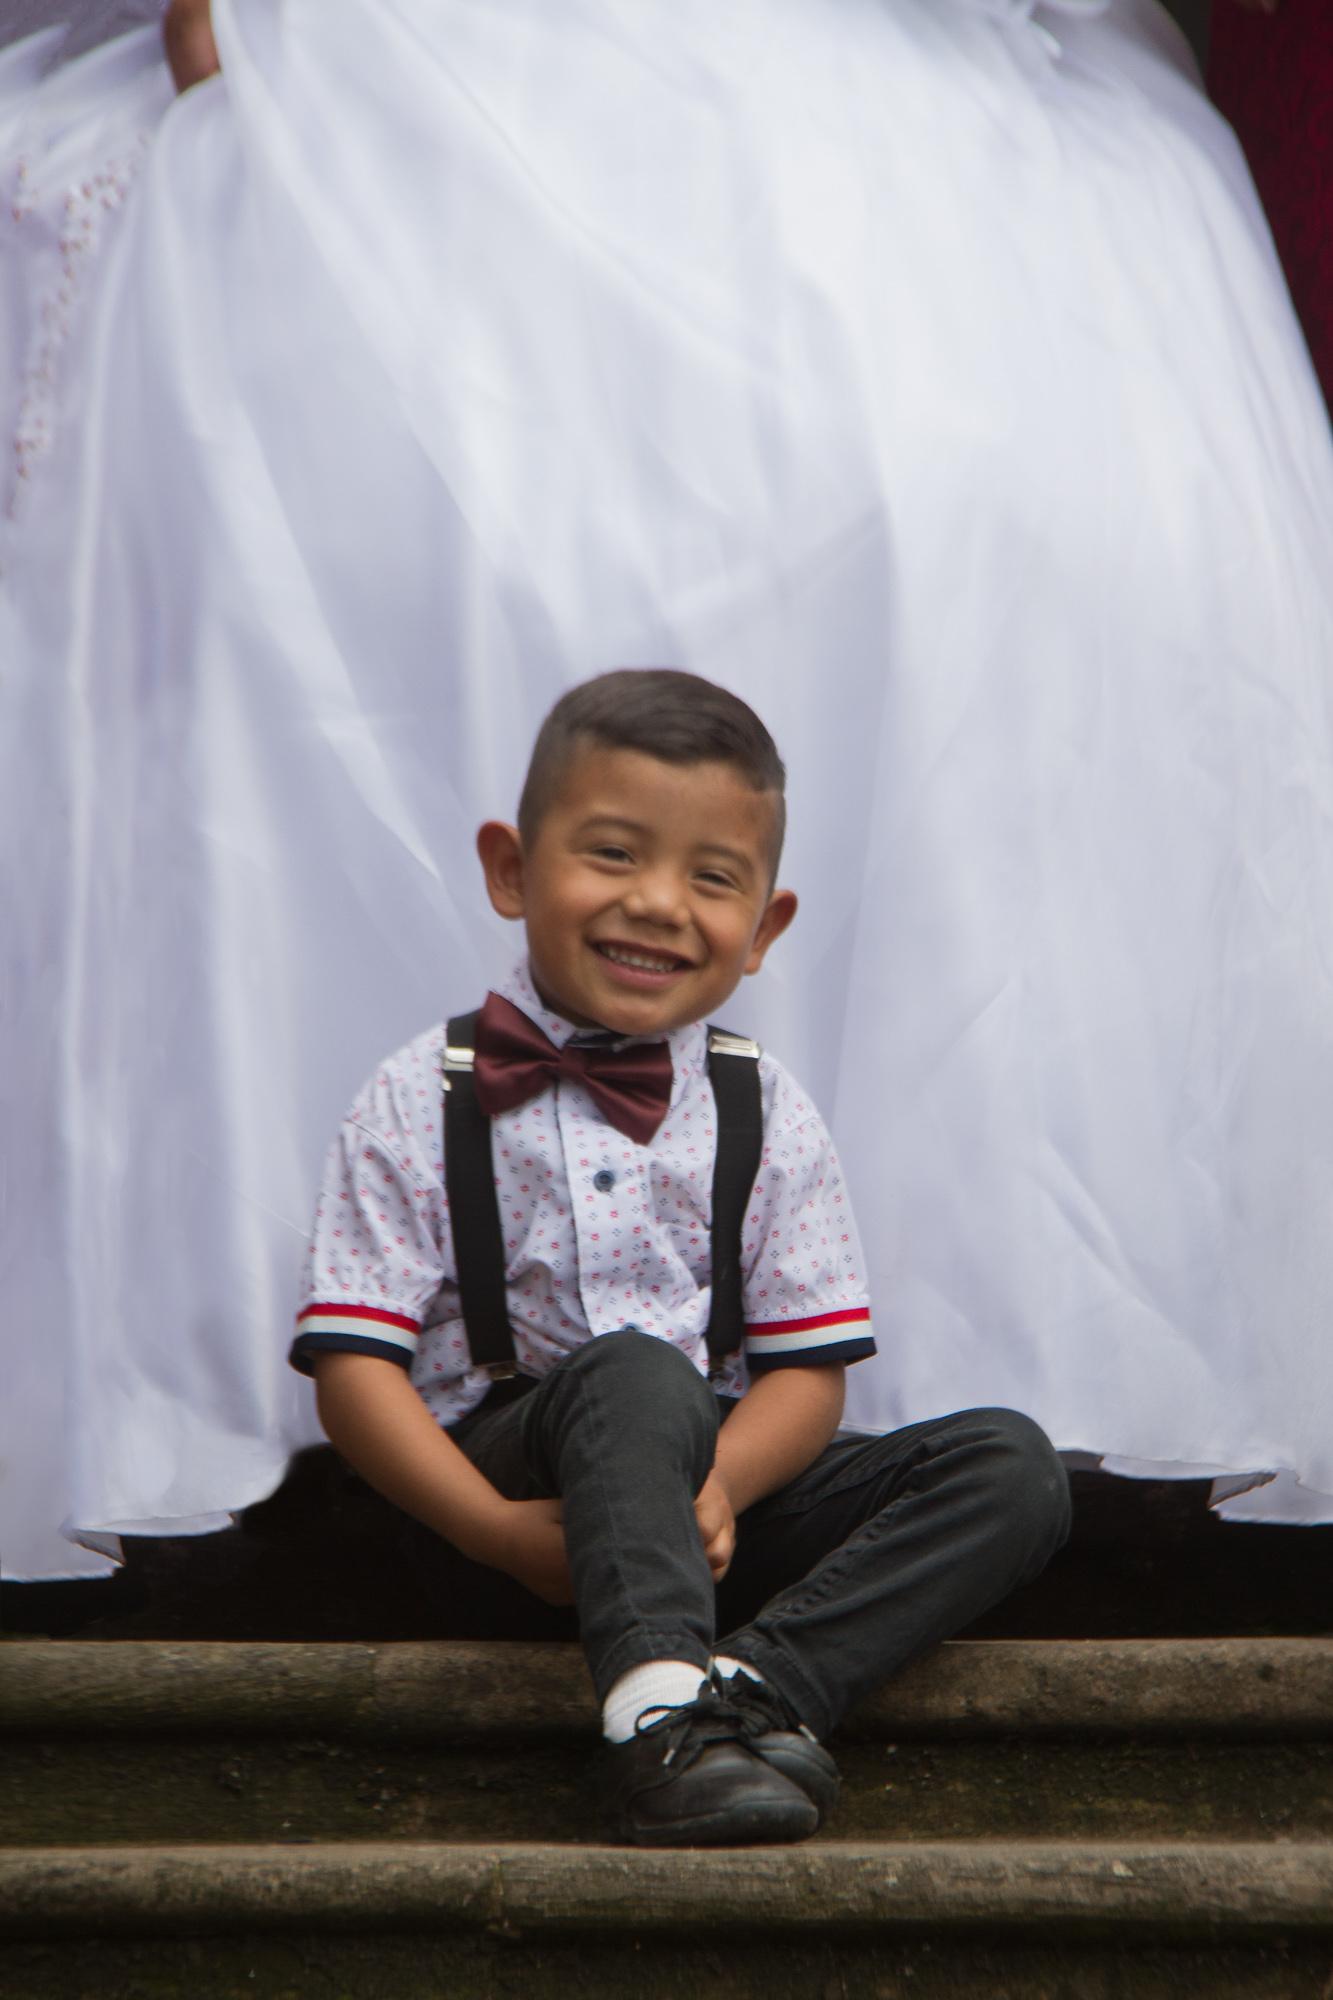 Dad's Tie, Methinks   CantoyaFest: Pátzcuaro, Michoacán, Mexico — Saturday, July 22, 2017